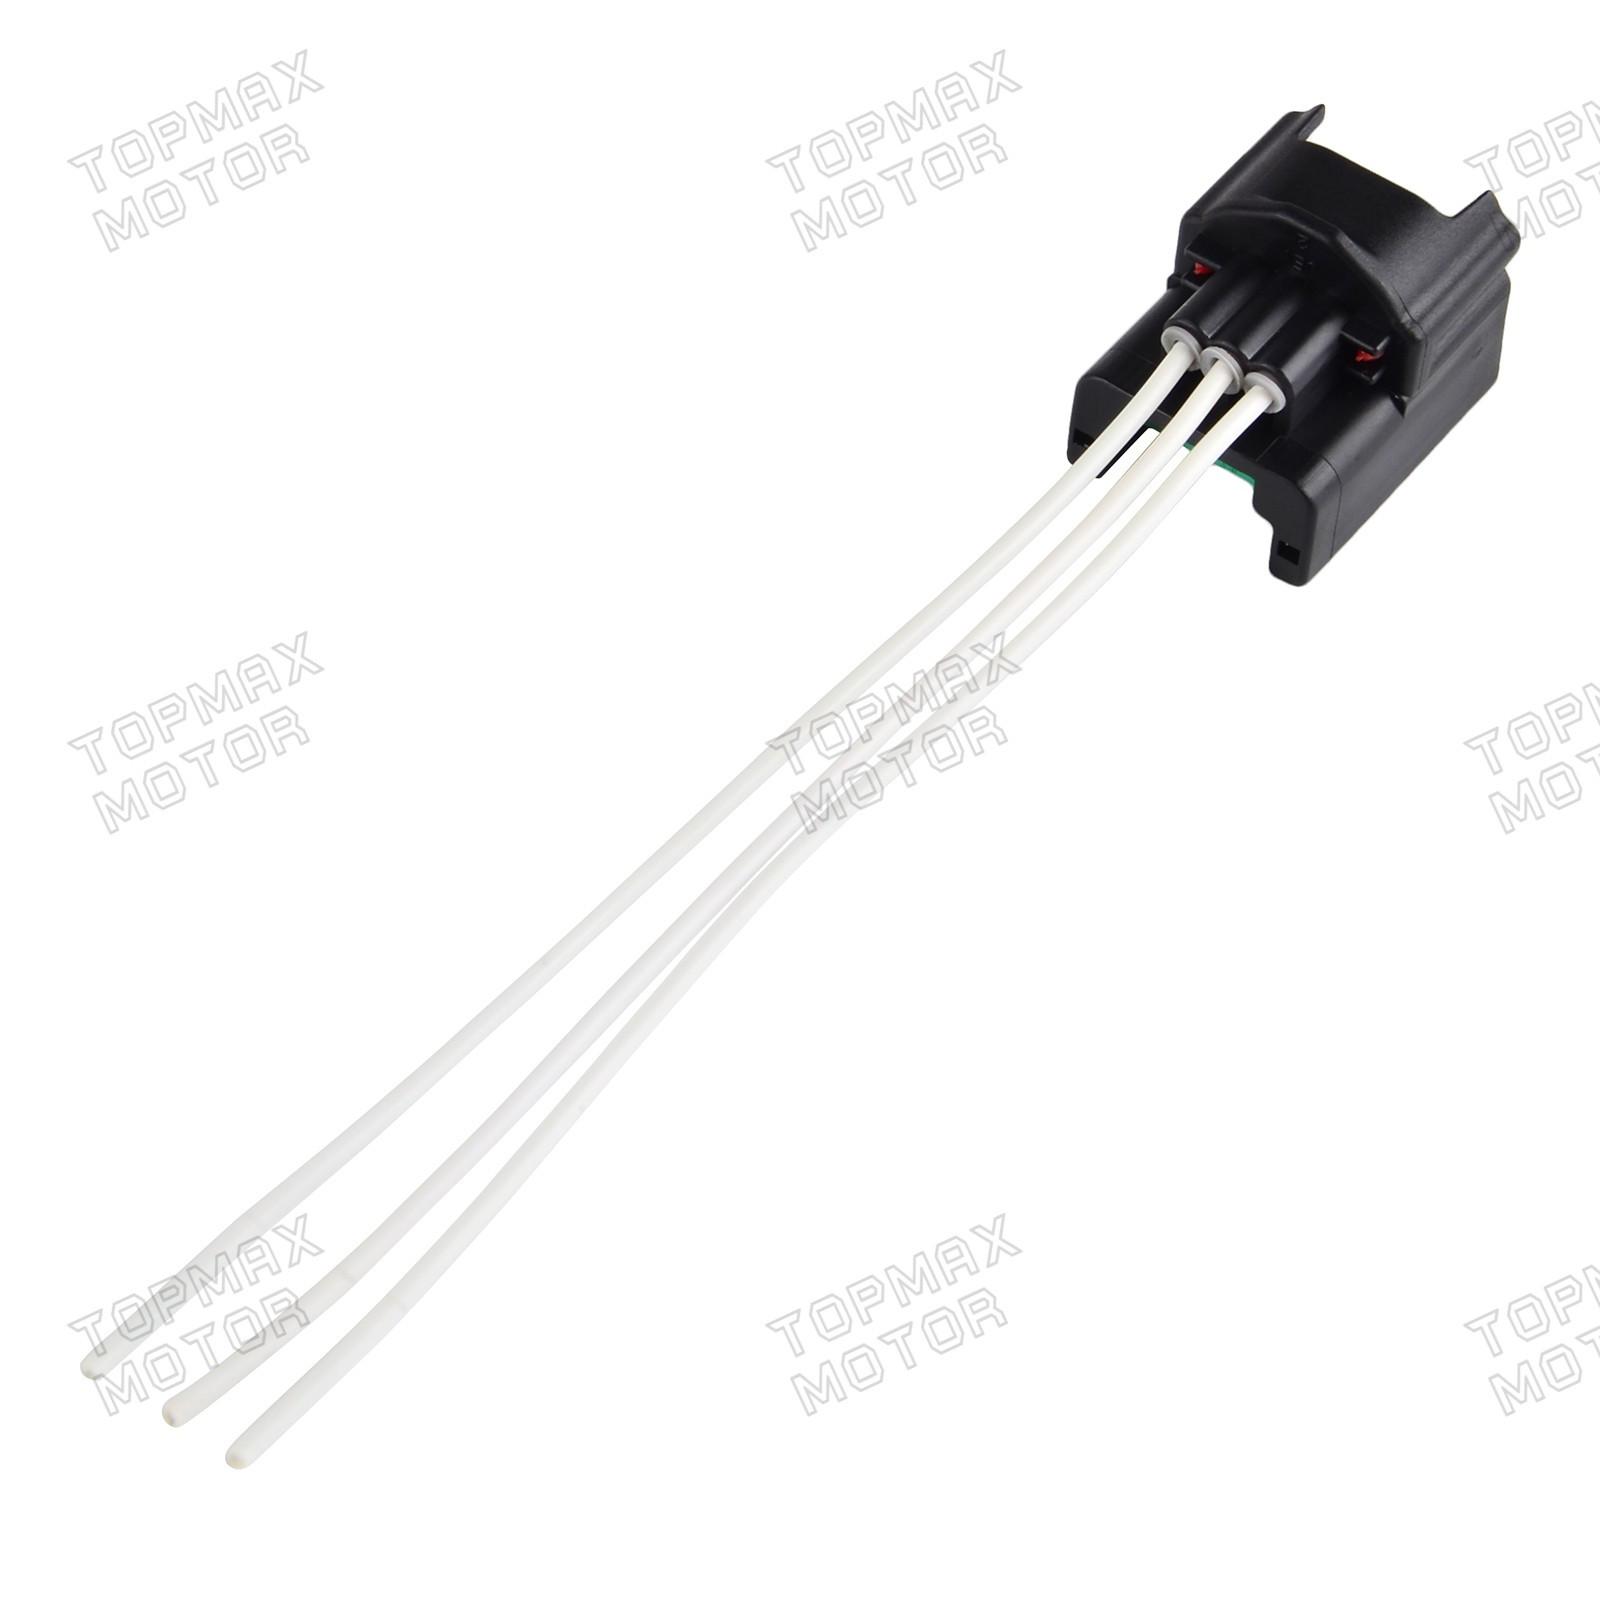 Camshaft Position Sensor Connector Plug Harness For Nissan 35l V6 Cam Wiring Vq35de New